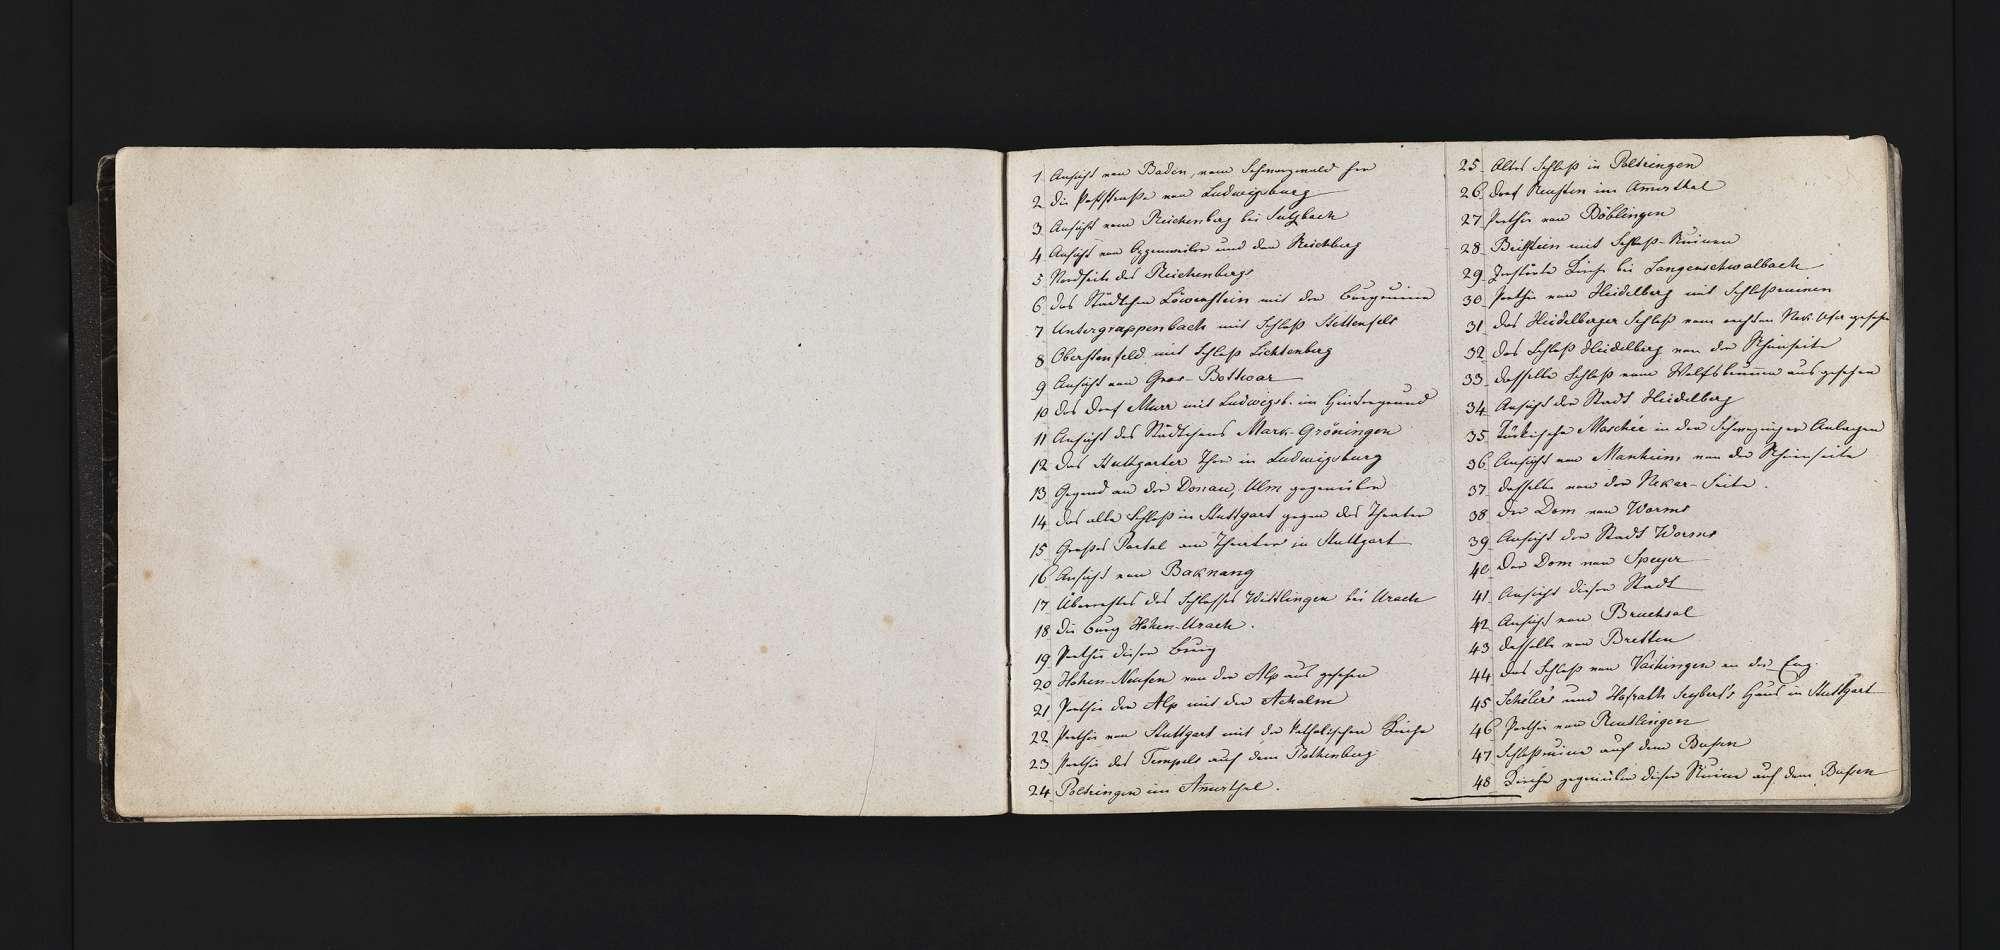 """""""Aufnahmen von Württemberg und Baden <sowie Worms,Speyer,Neu-Ulm> 1816 - 1826"""", Bild 1"""